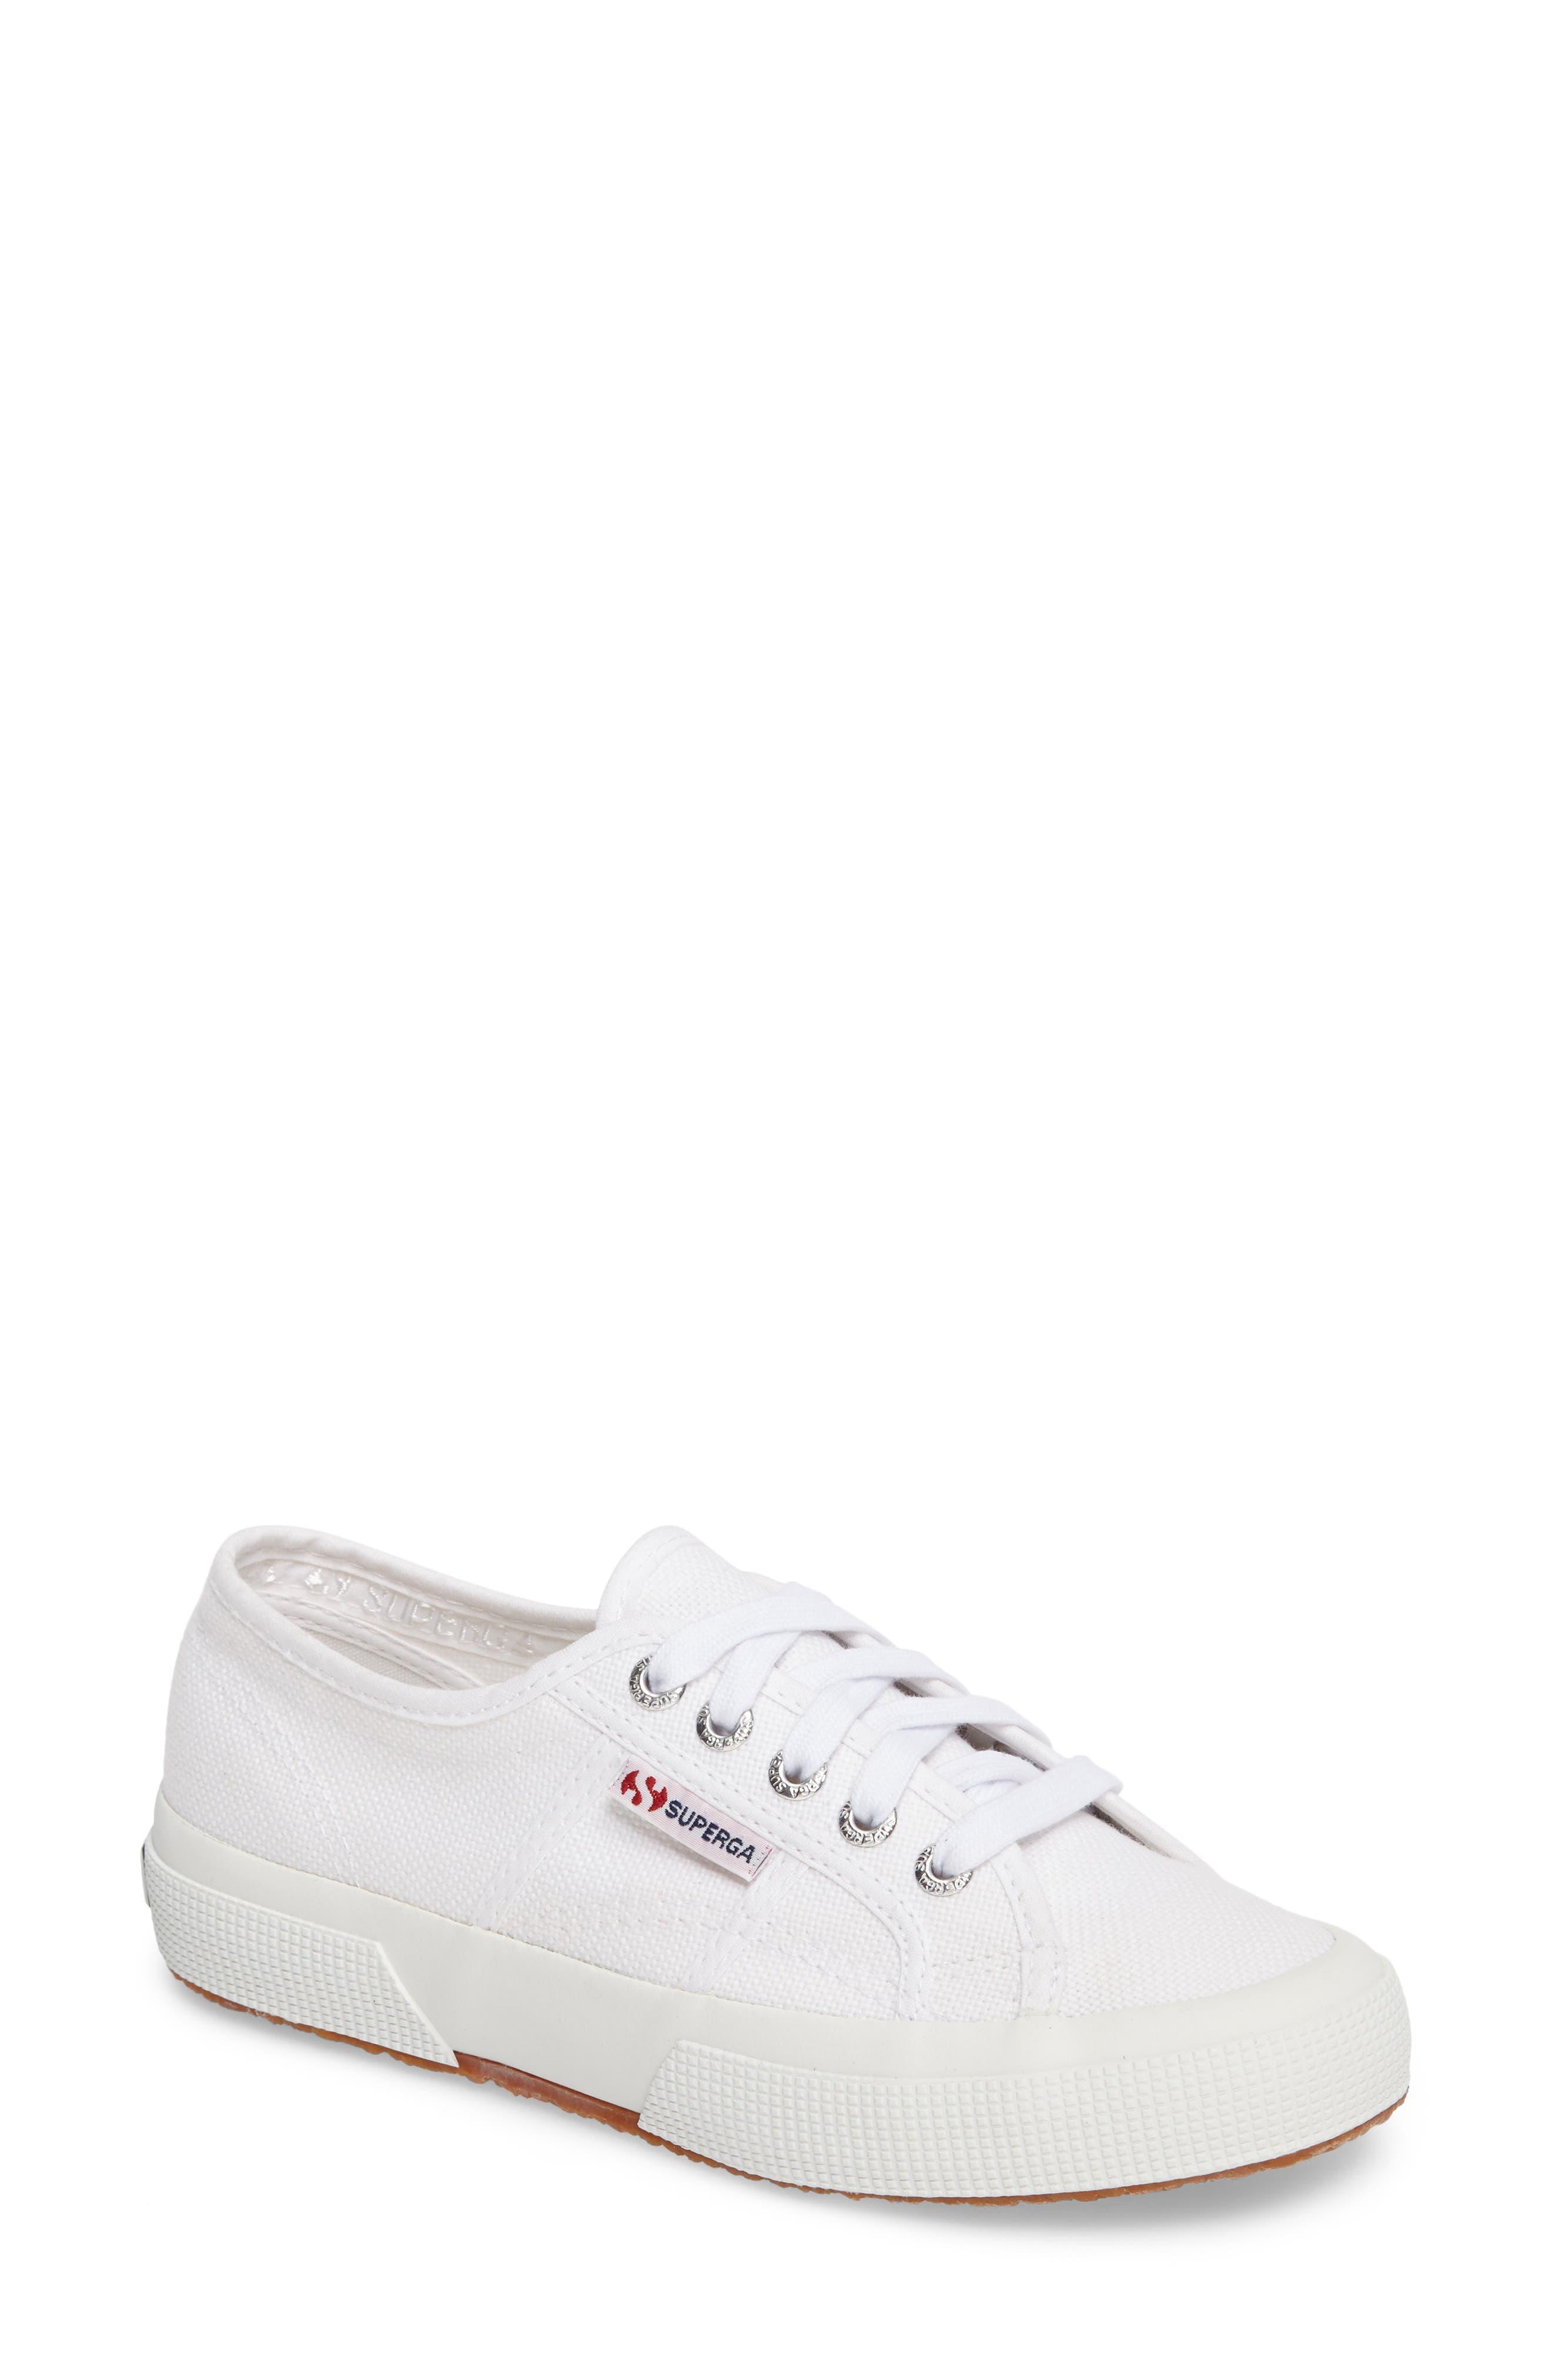 Alternate Image 1 Selected - Superga 'Cotu' Sneaker (Women)